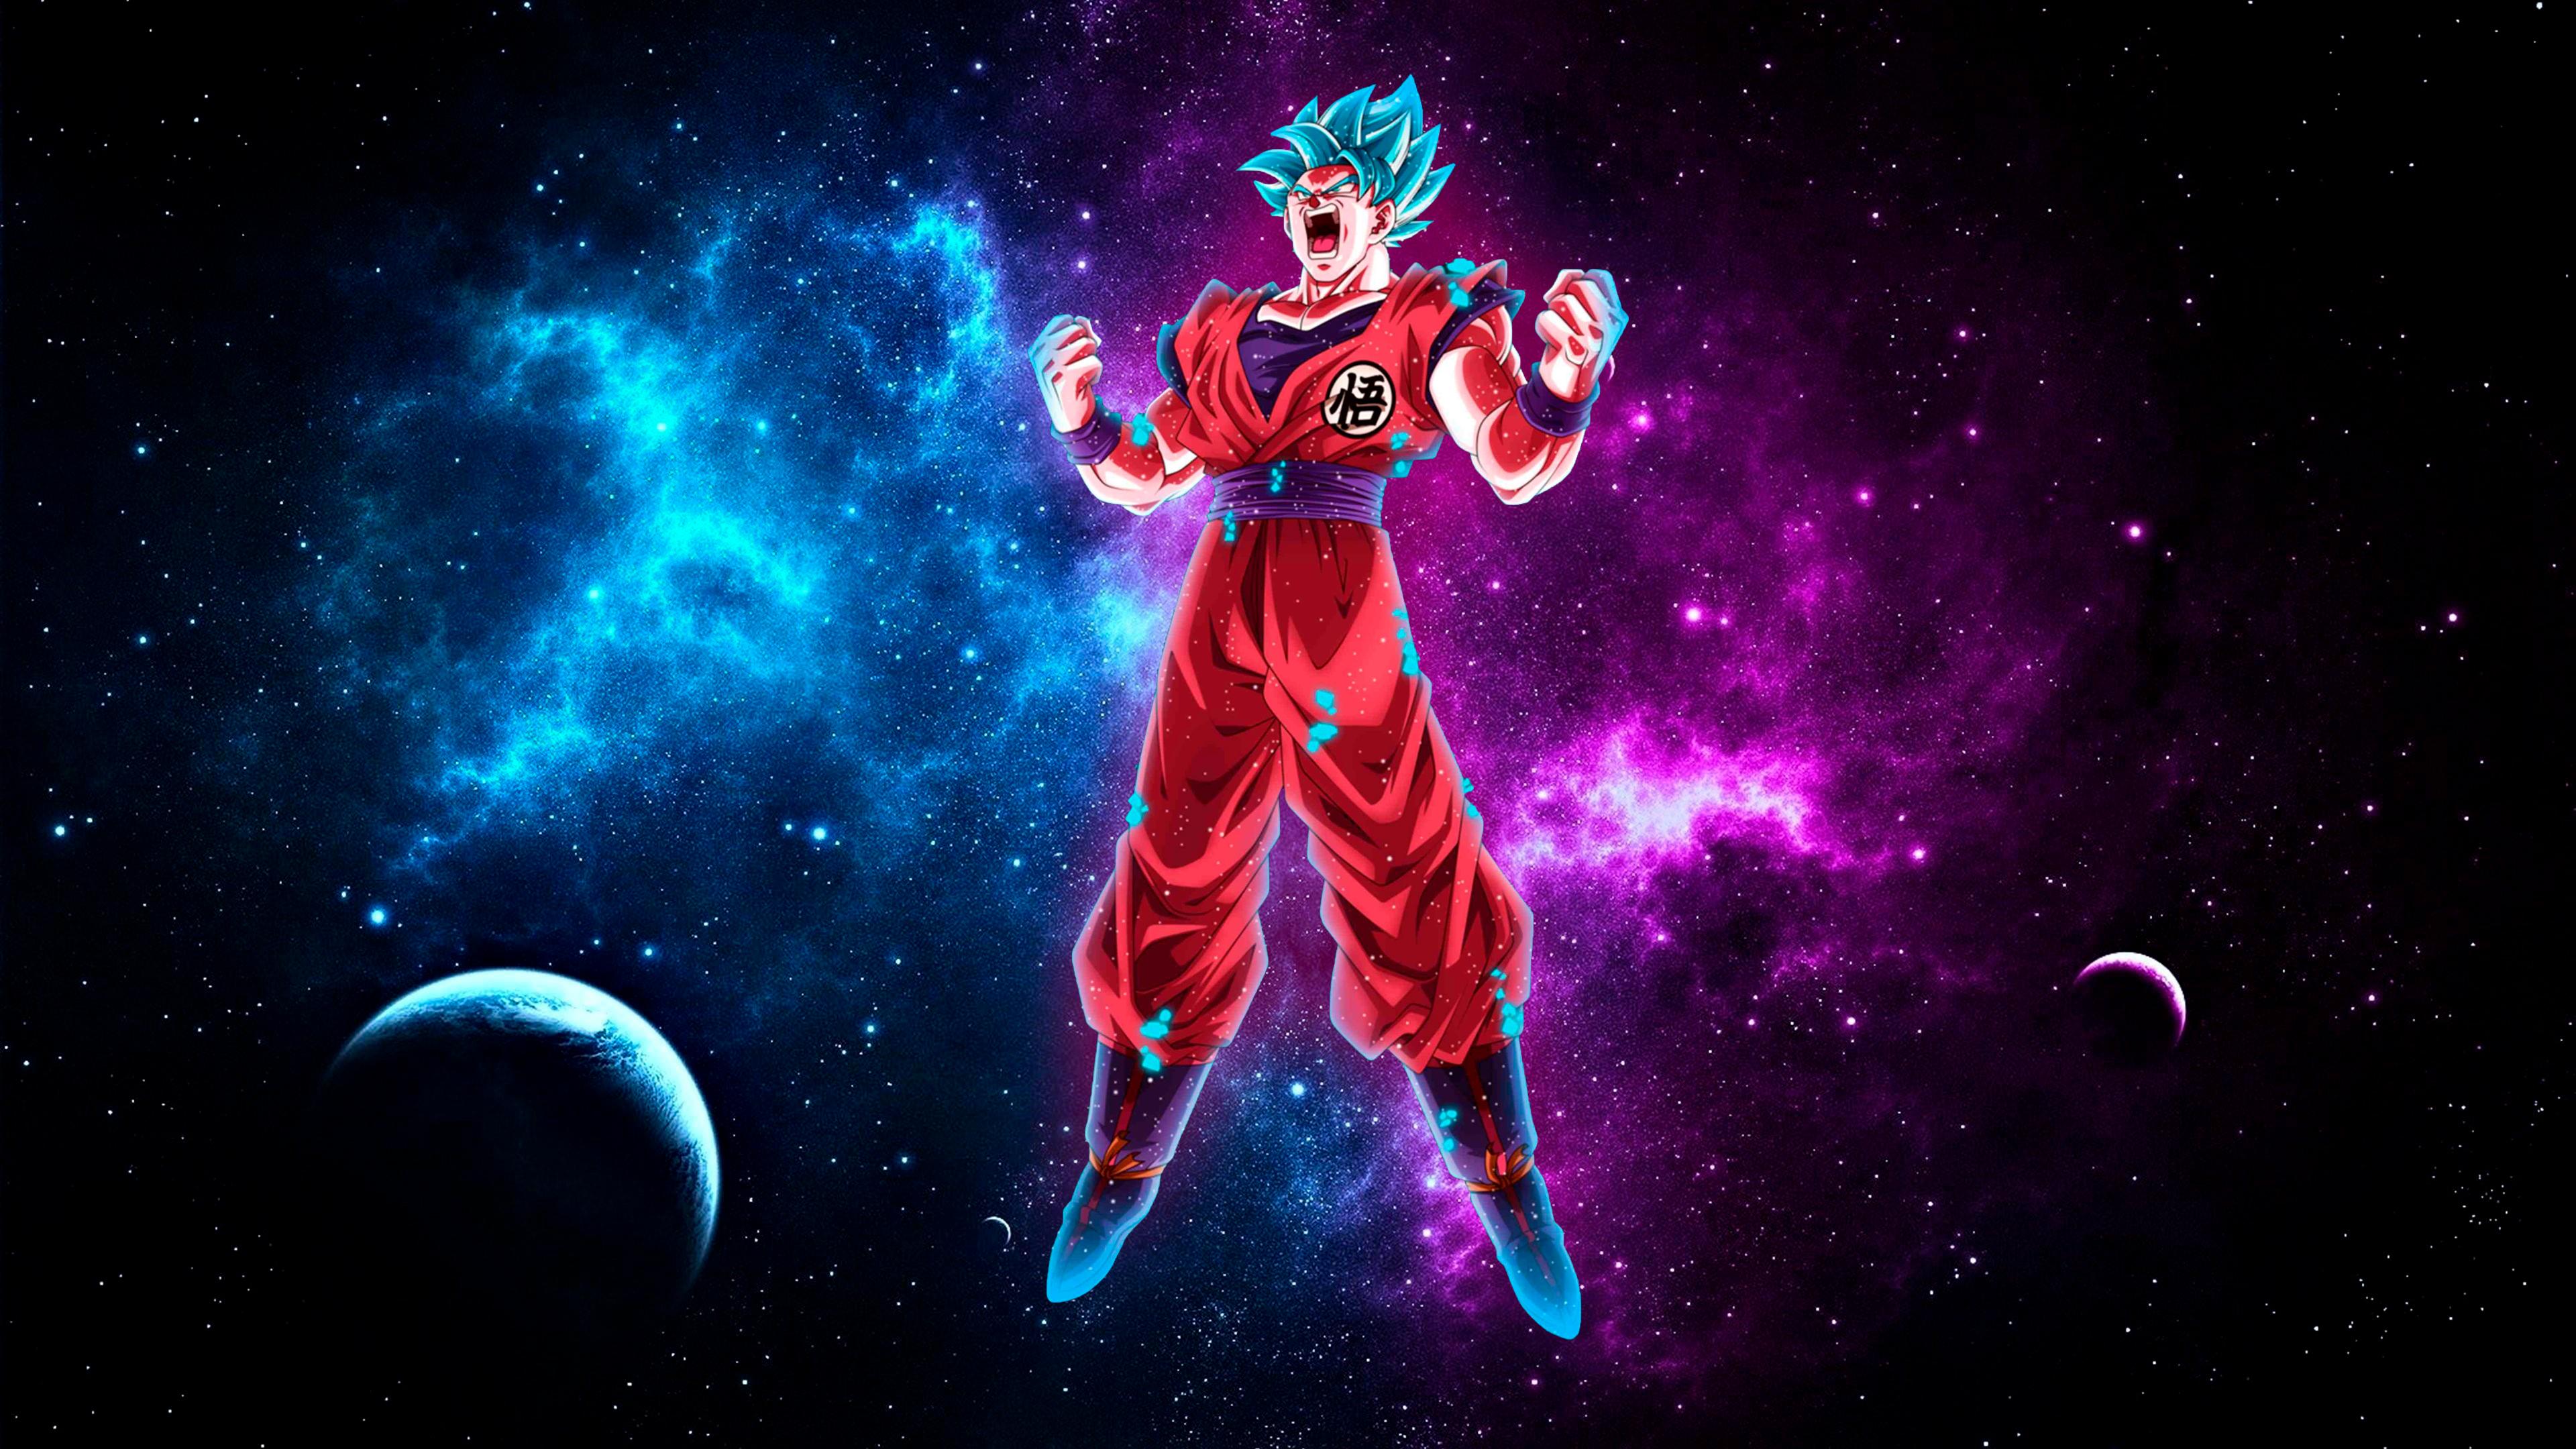 4k Goku Dragon Ball Super, HD Anime, 4k Wallpapers, Images ...